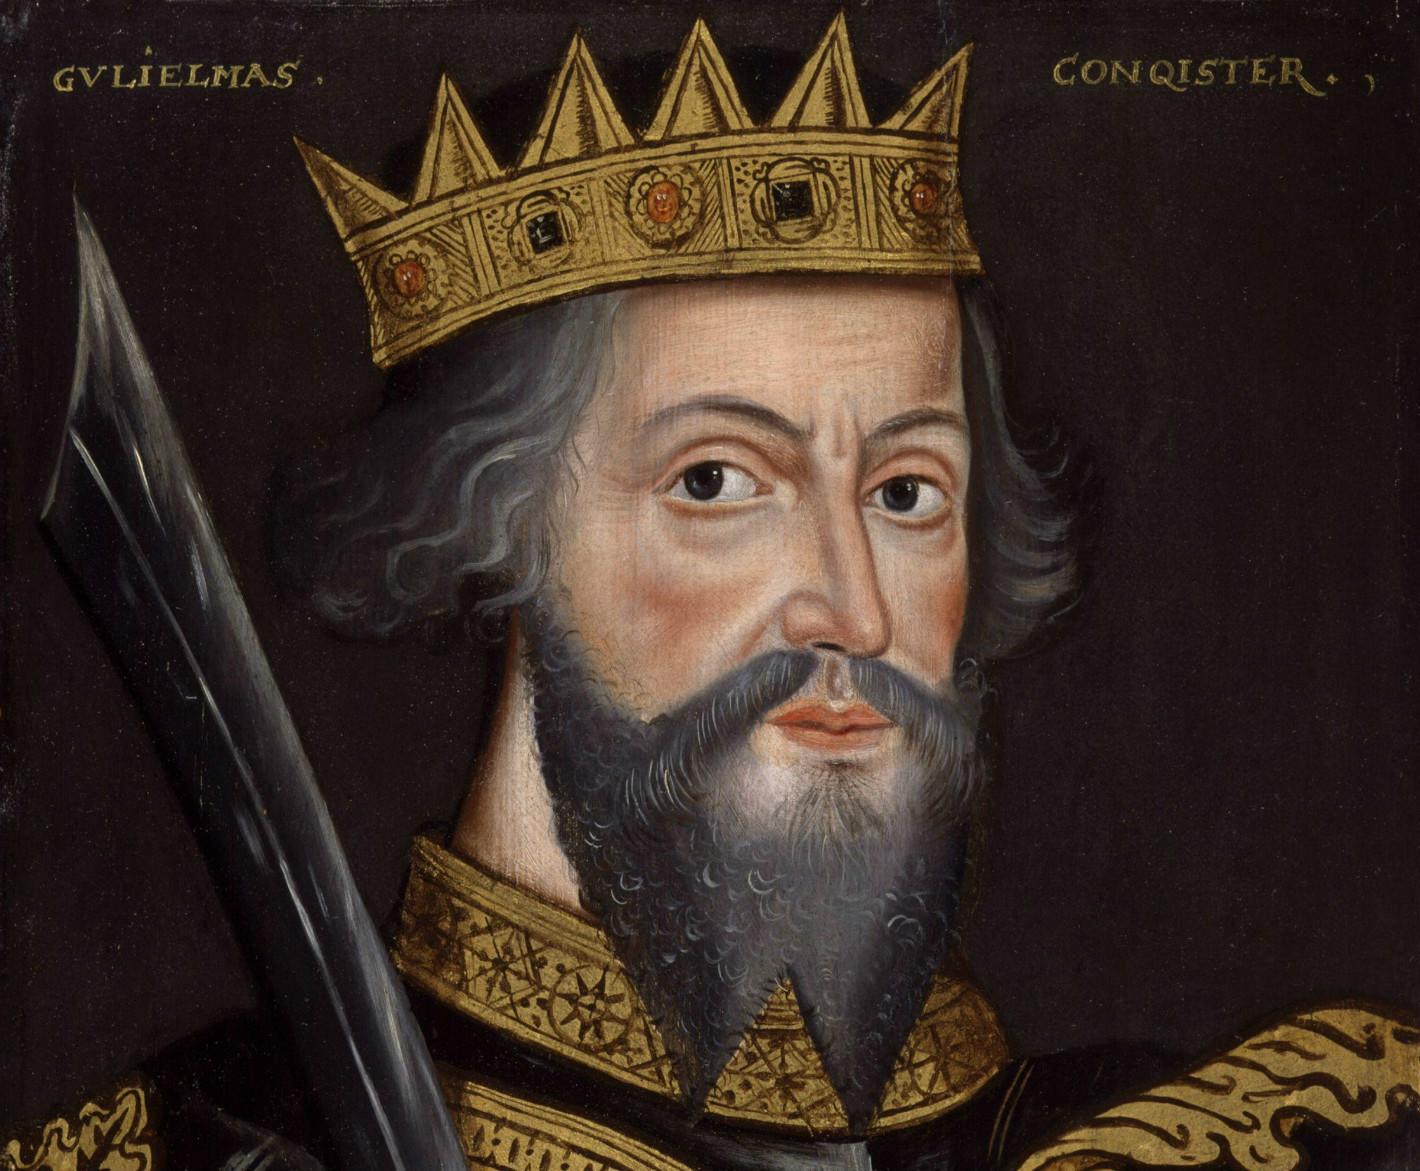 3. Вильгельм I Завоеватель. 1027/1028 — 9 сентября 1087 ($200 млрд.) Богатейшие люди, богатство